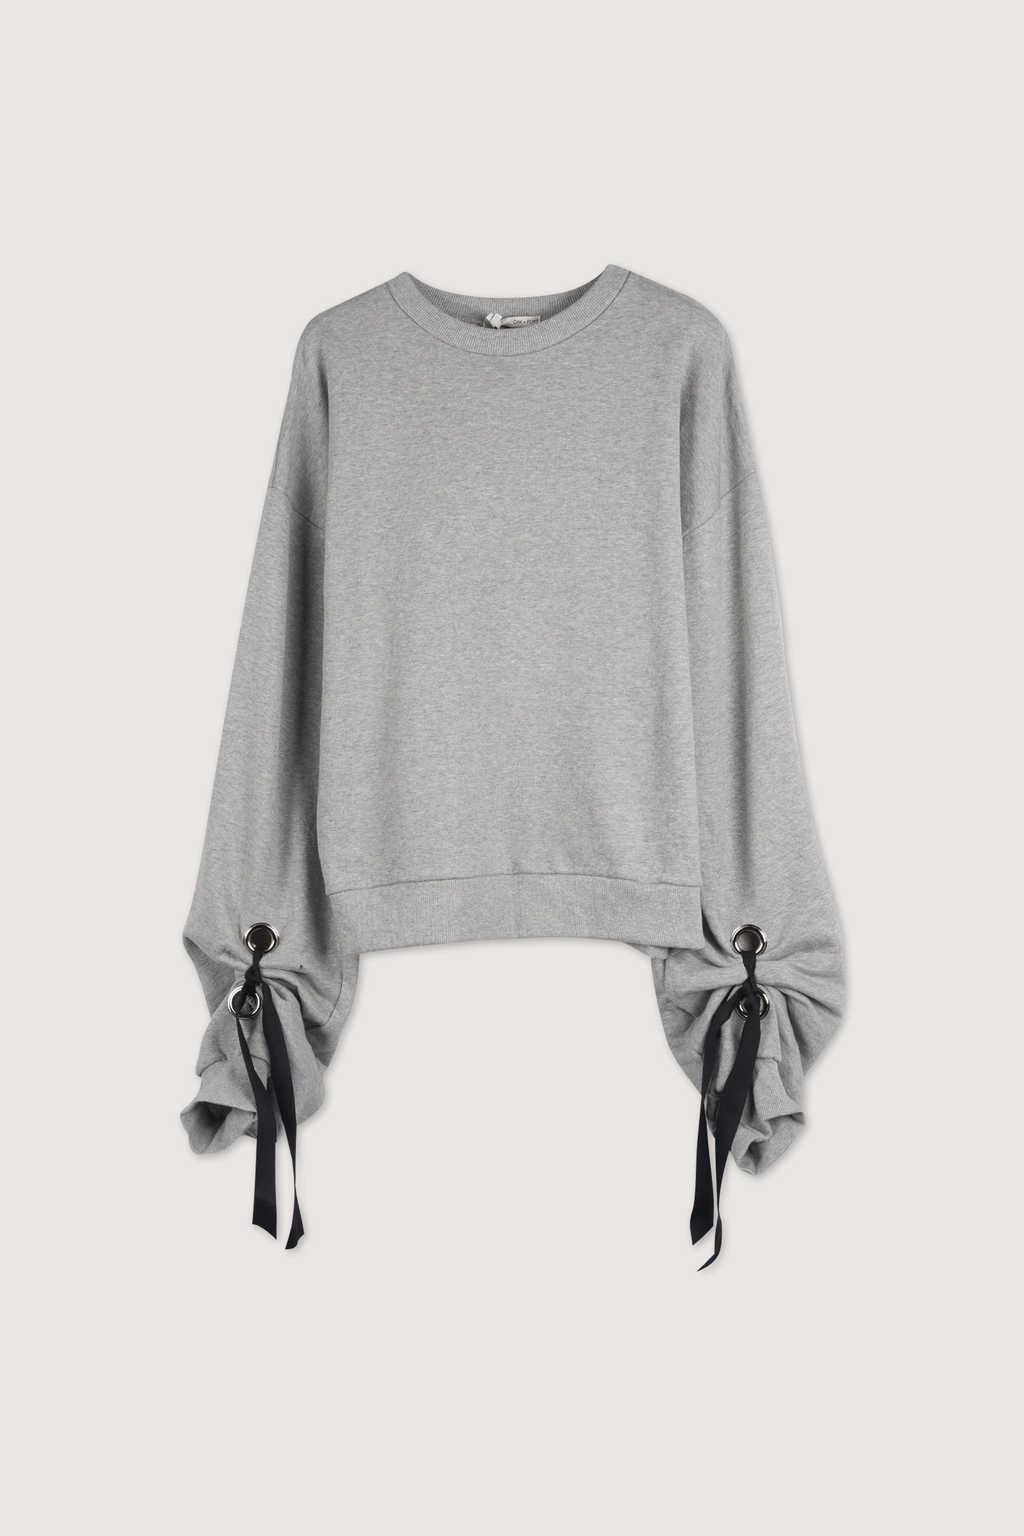 TShirt H415 Gray 3